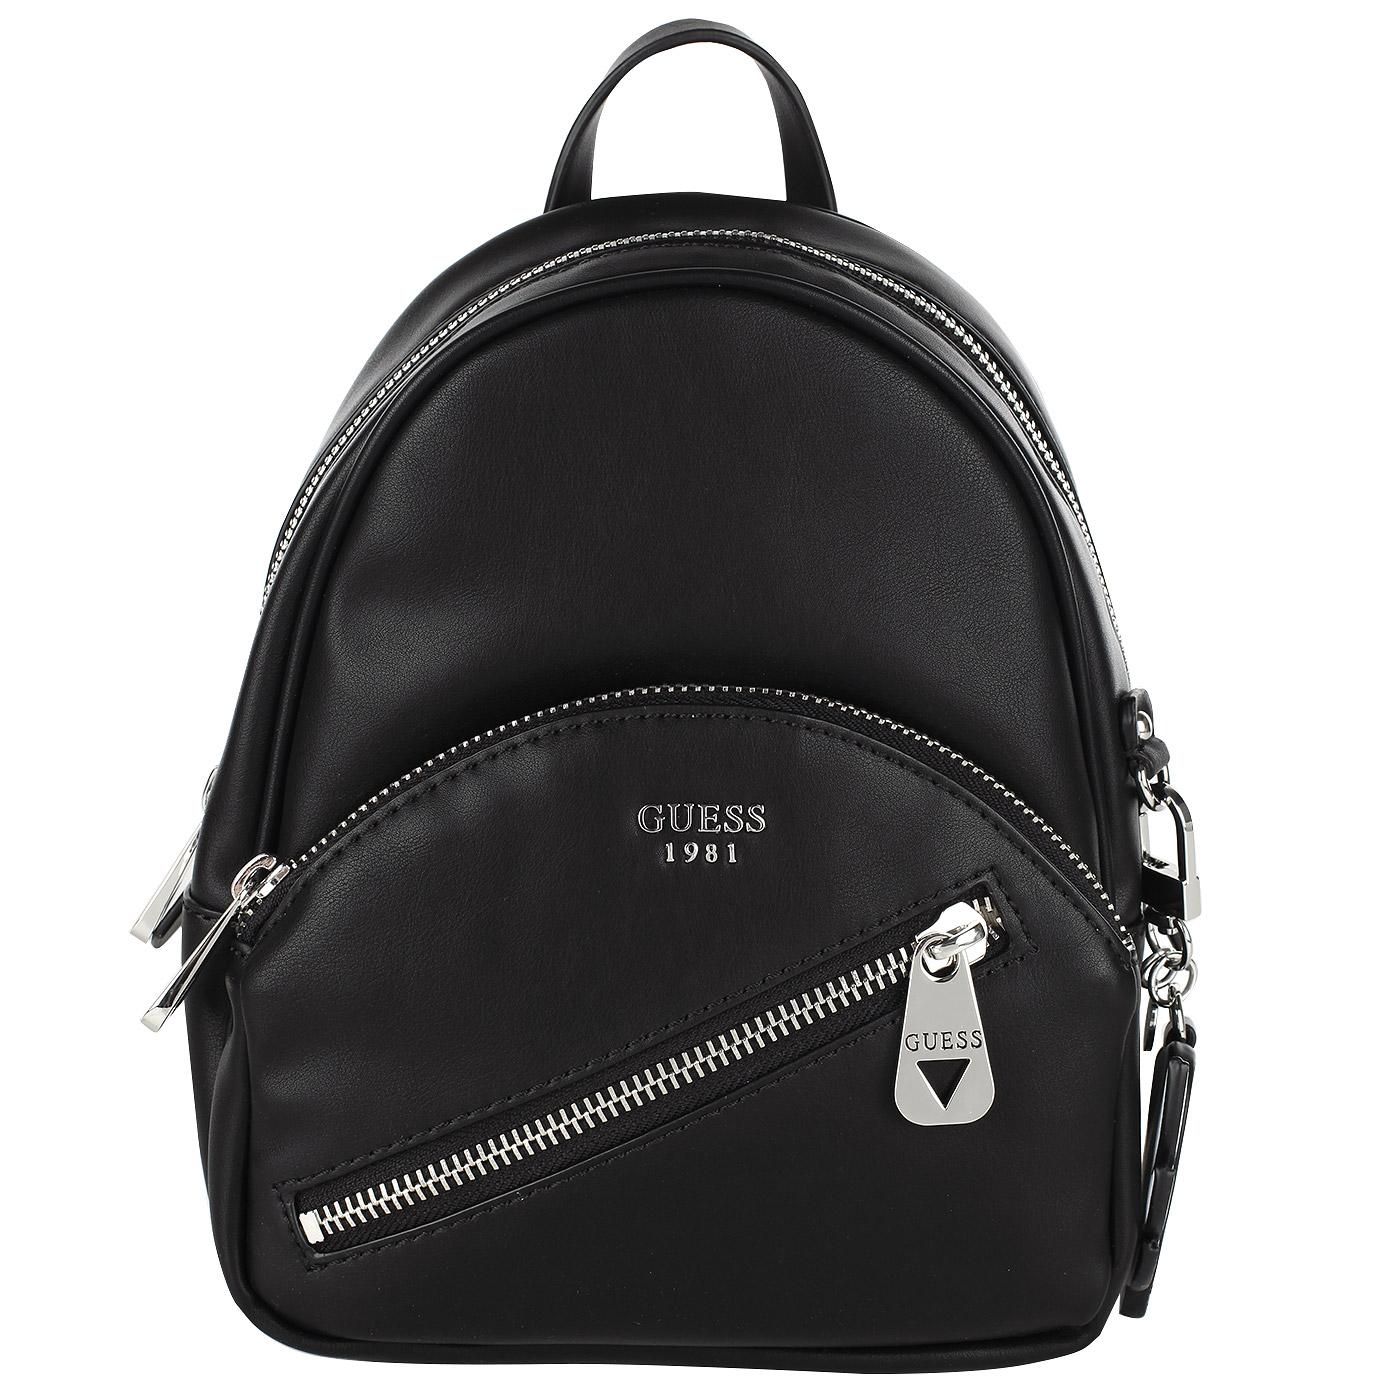 659d4c7c7b42 Маленький женский рюкзак черного цвета Guess Bradyn Маленький женский рюкзак  черного цвета Guess Bradyn ...